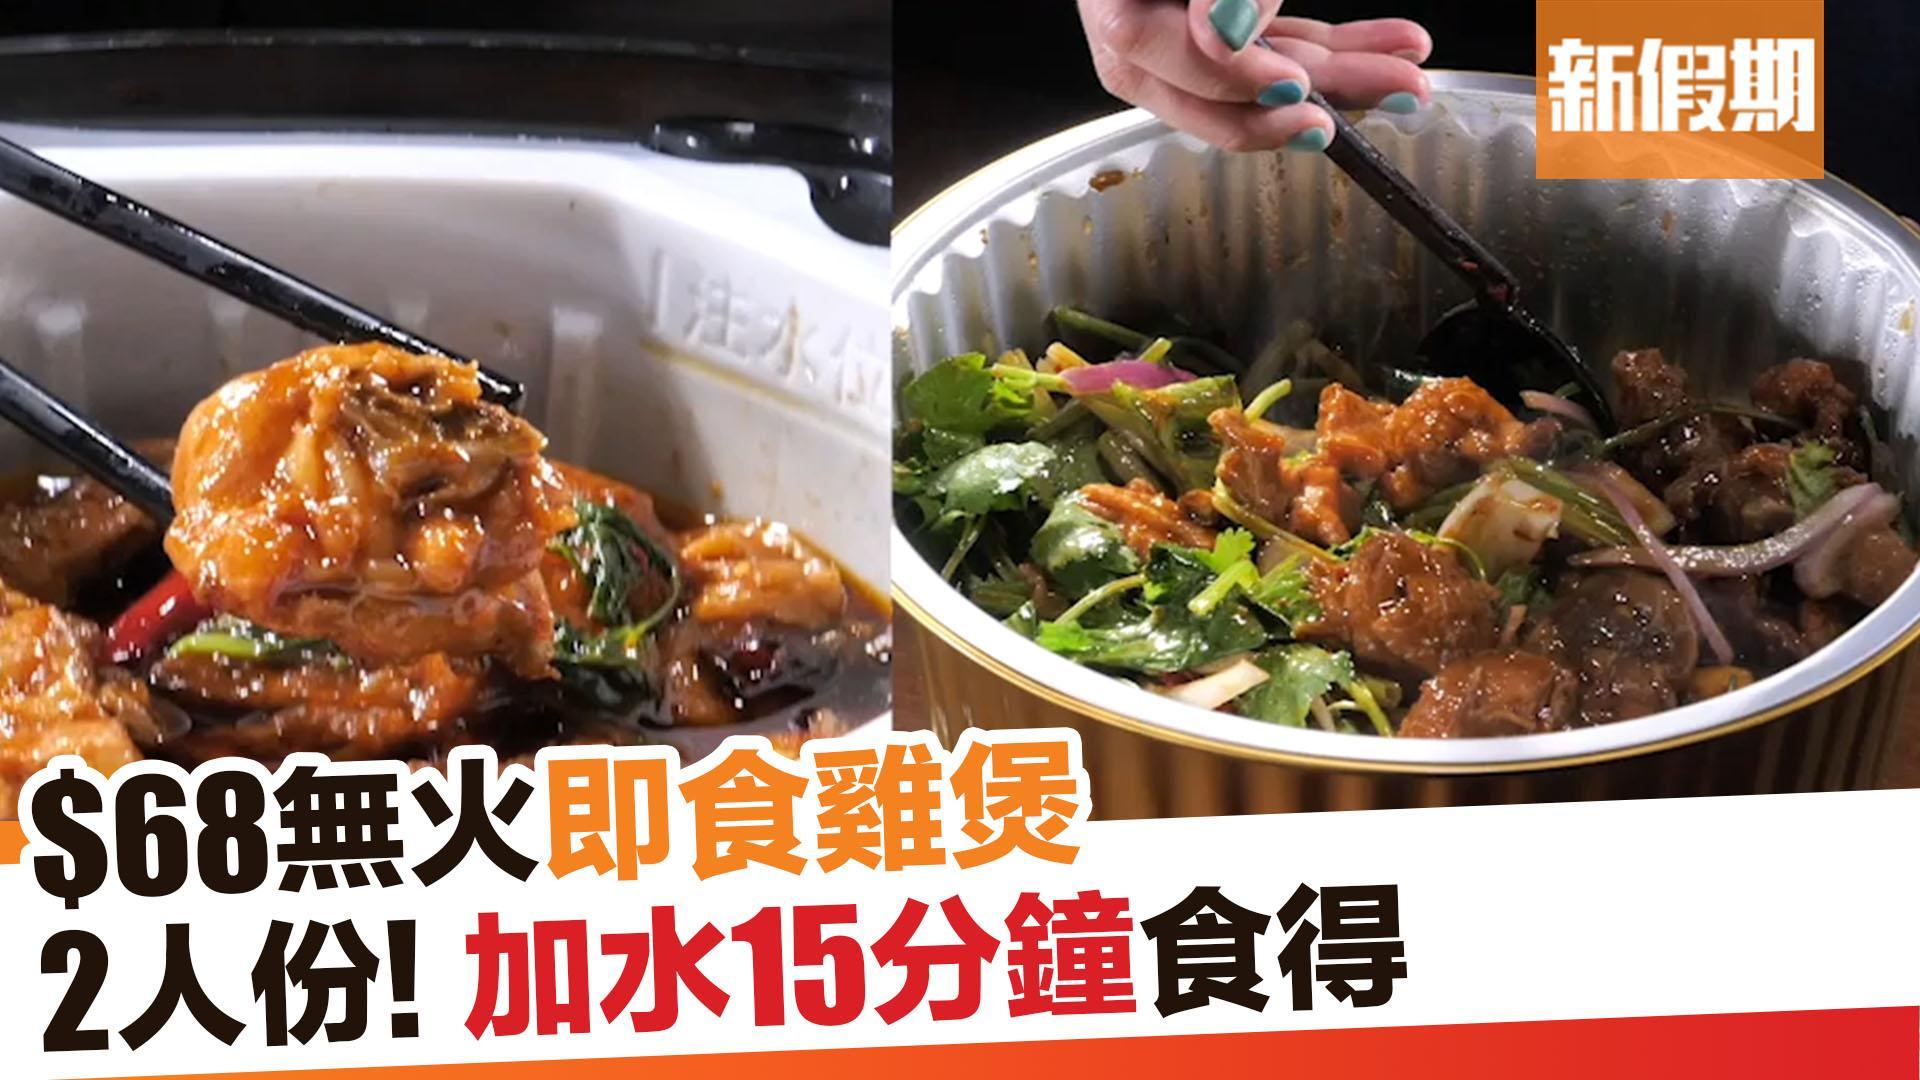 【外賣食乜好】倫哥尊尚火鍋私房菜推$68二人份無火懶人雞煲 新假期